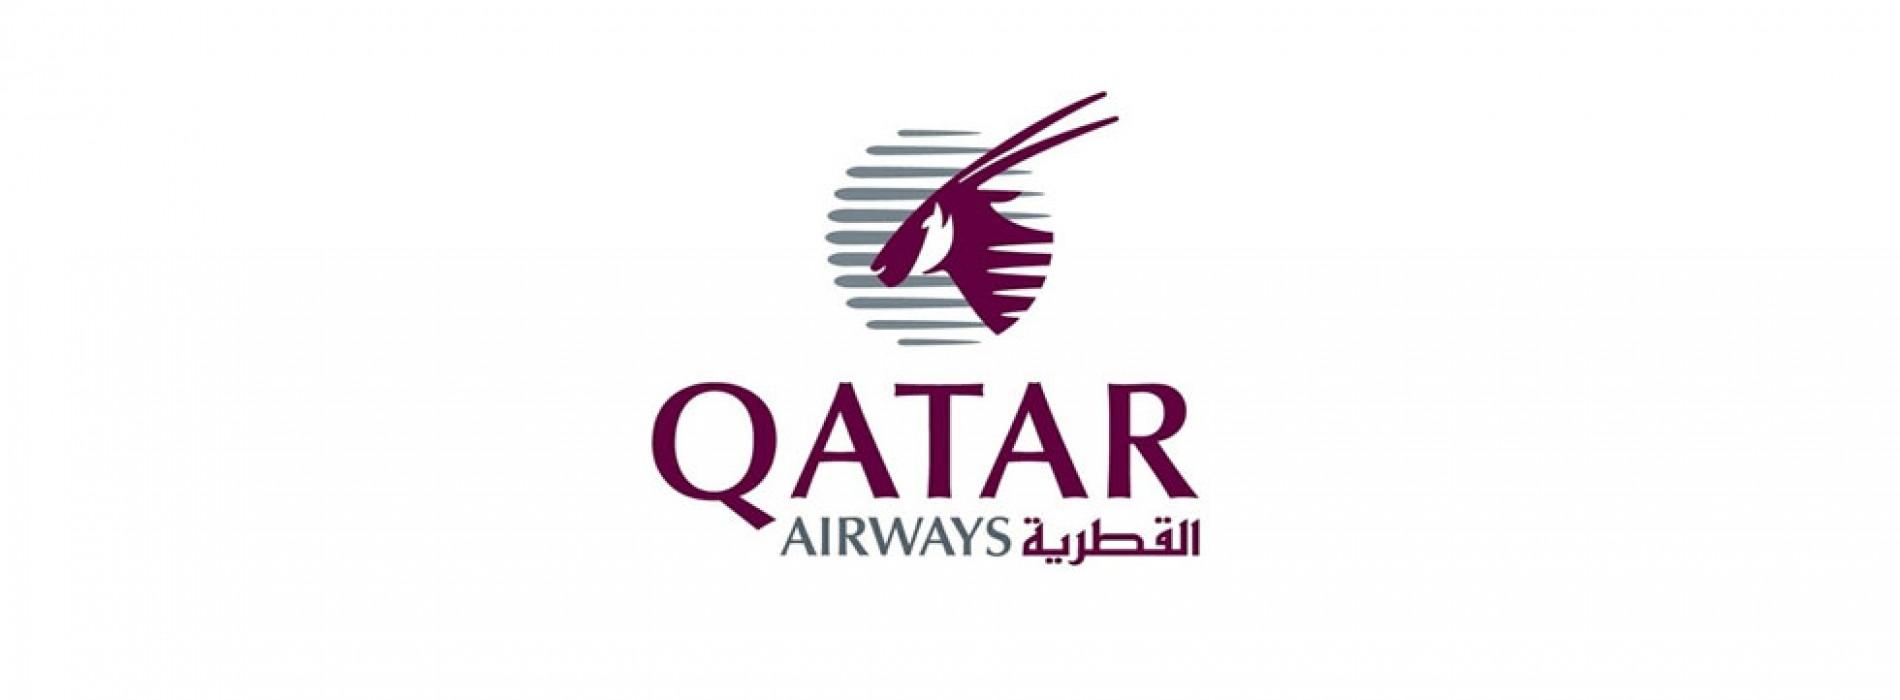 Qatar Airways to being Airbus A380 to Sydney, Australia